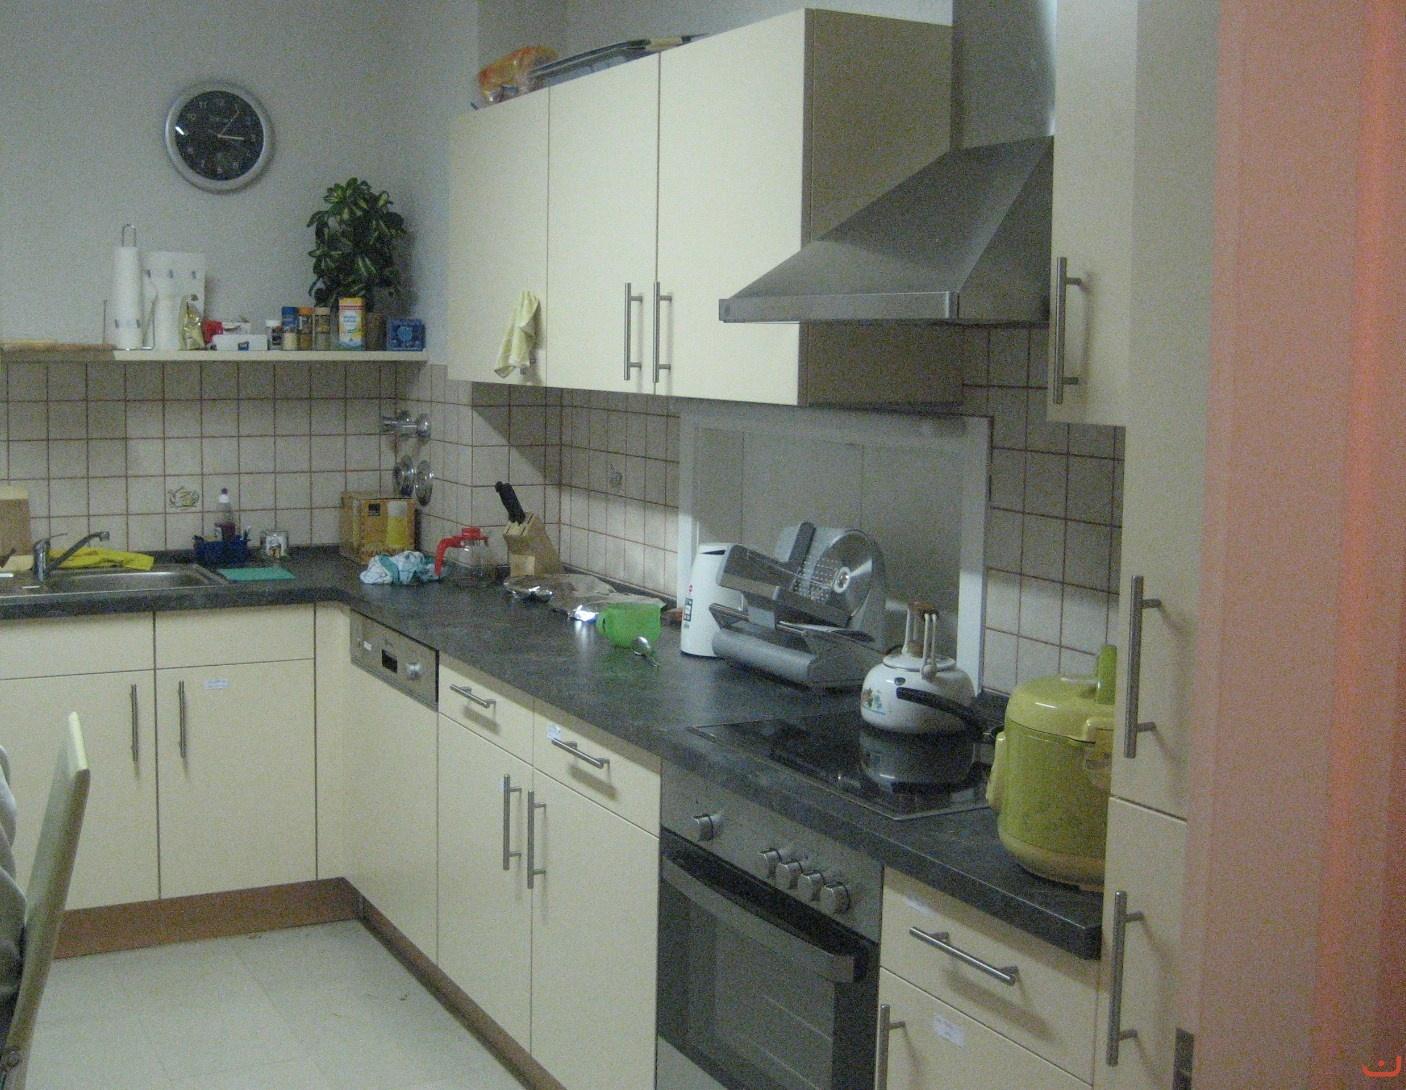 Gemütlich Gemütliche Küchen Kilsyth Bilder - Küche Set Ideen ...